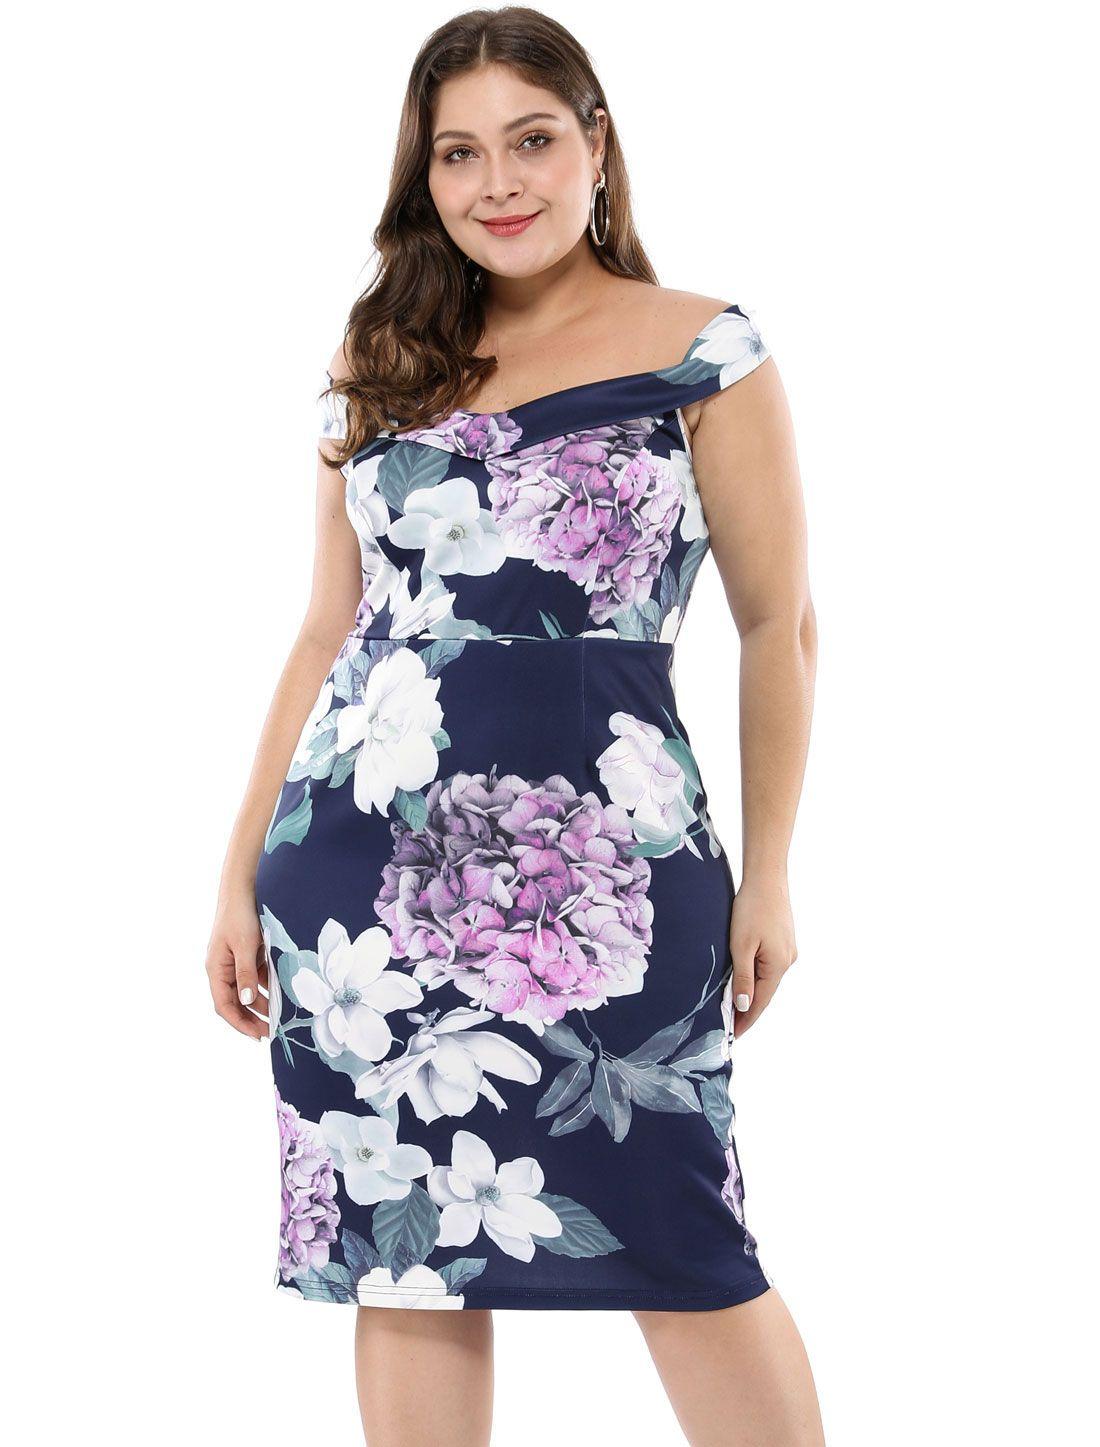 dd553b28a8e4 Women's Floral Print Off Shoulder Plus Size Cocktail Dress